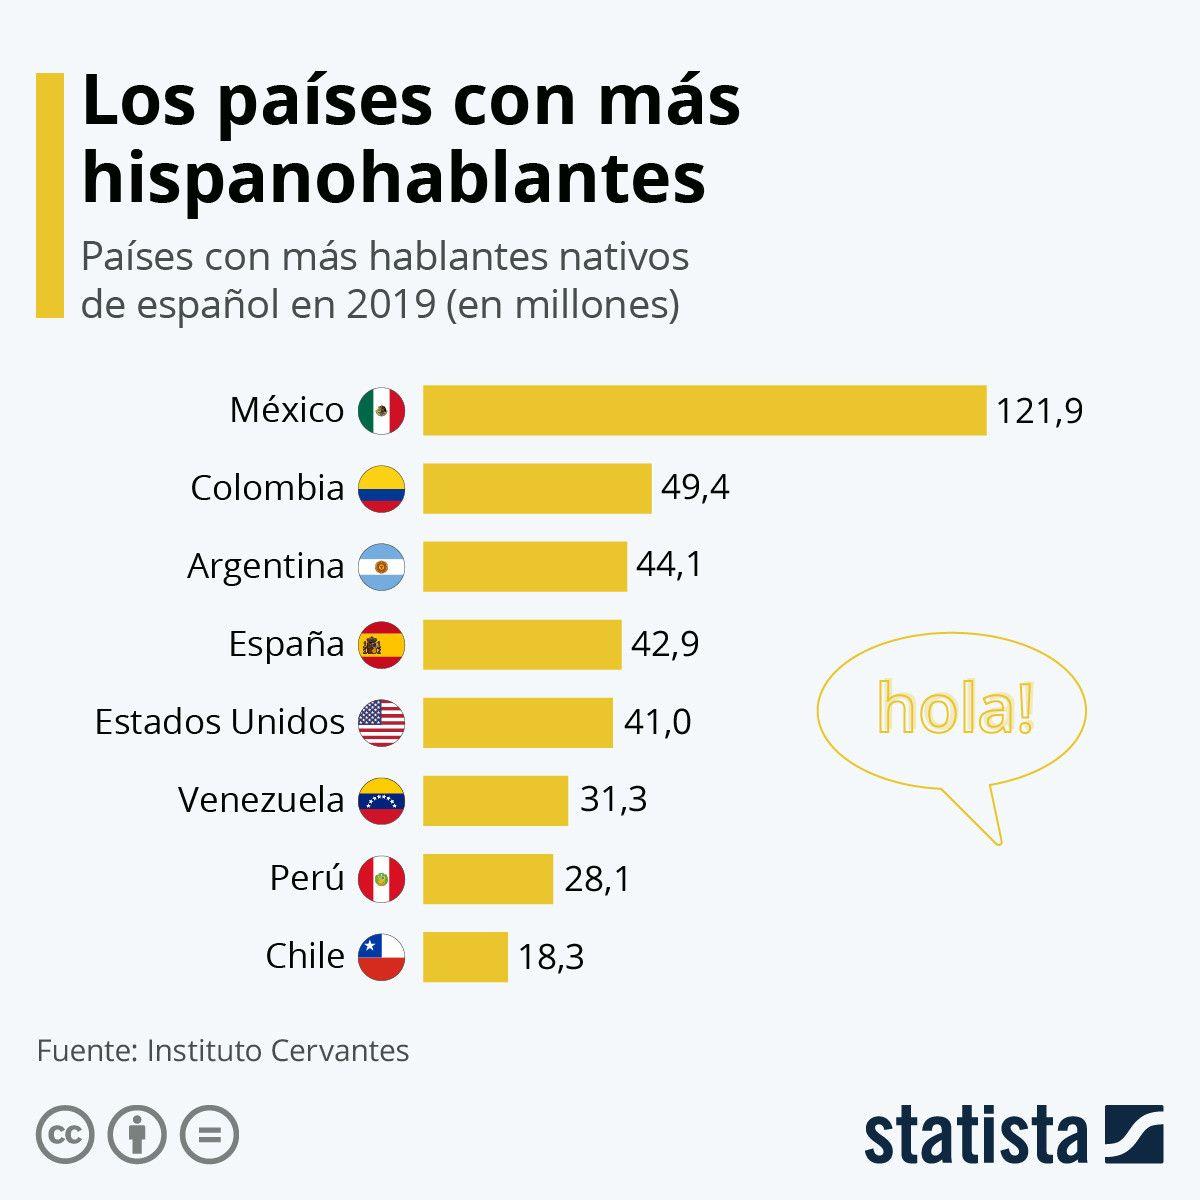 CarlosPennaC | CIO 🌐TResearch: RT wef_es: El español es el segundo idioma con más hablantes nativos gracias a sus 483 millones de personas que lo utilizan. #DíaInternacionalDeLaLenguaMaterna http://bit.ly/2PfAiYW